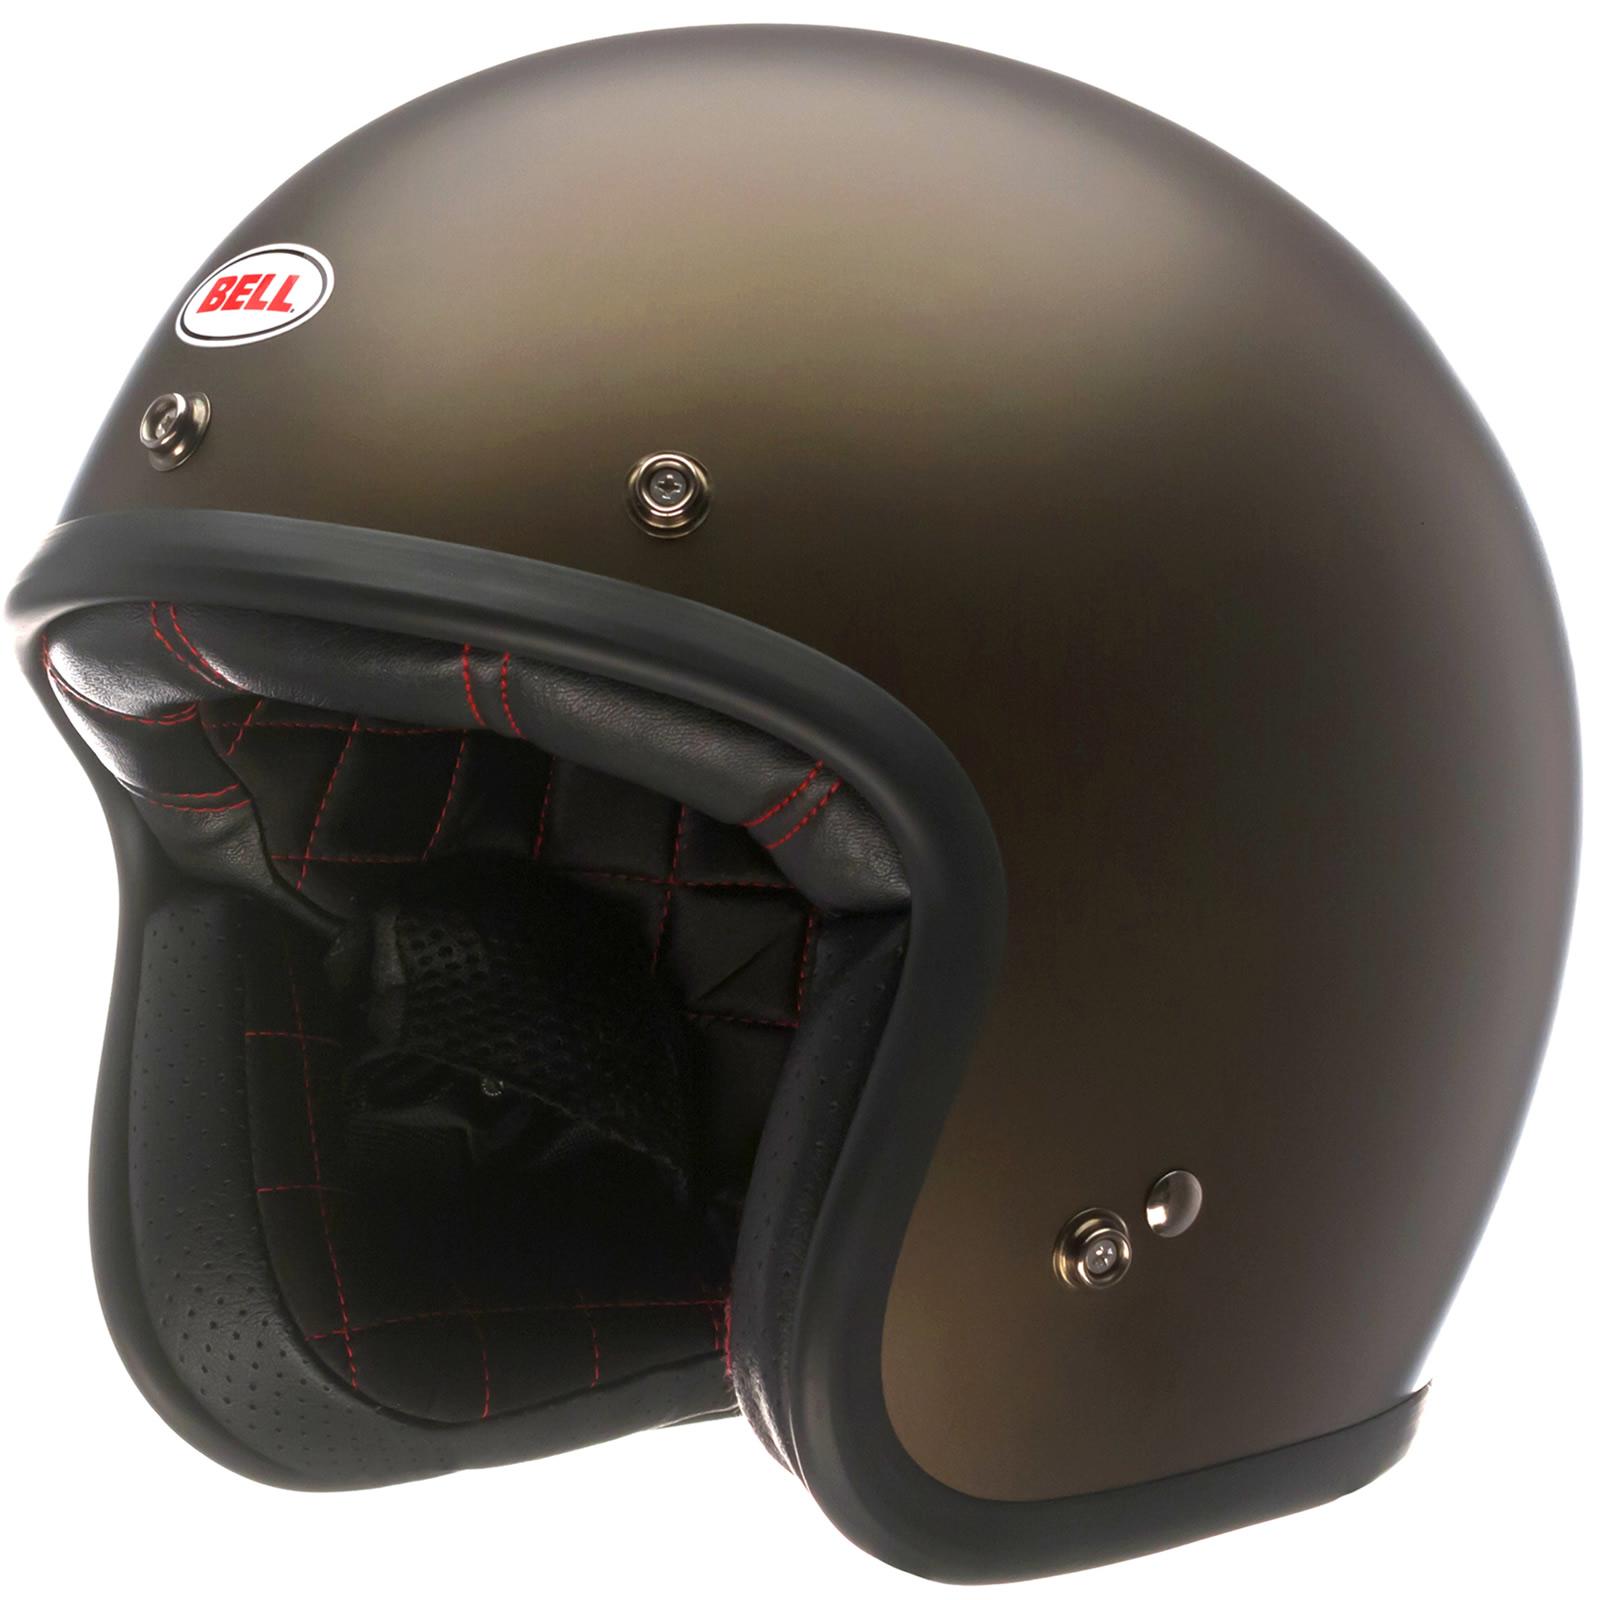 Bell Custom 500 Bubble Visor >> Bell Custom 500 Open Face Scooter Helmet & Optional Bubble Visor Retro Shield   eBay